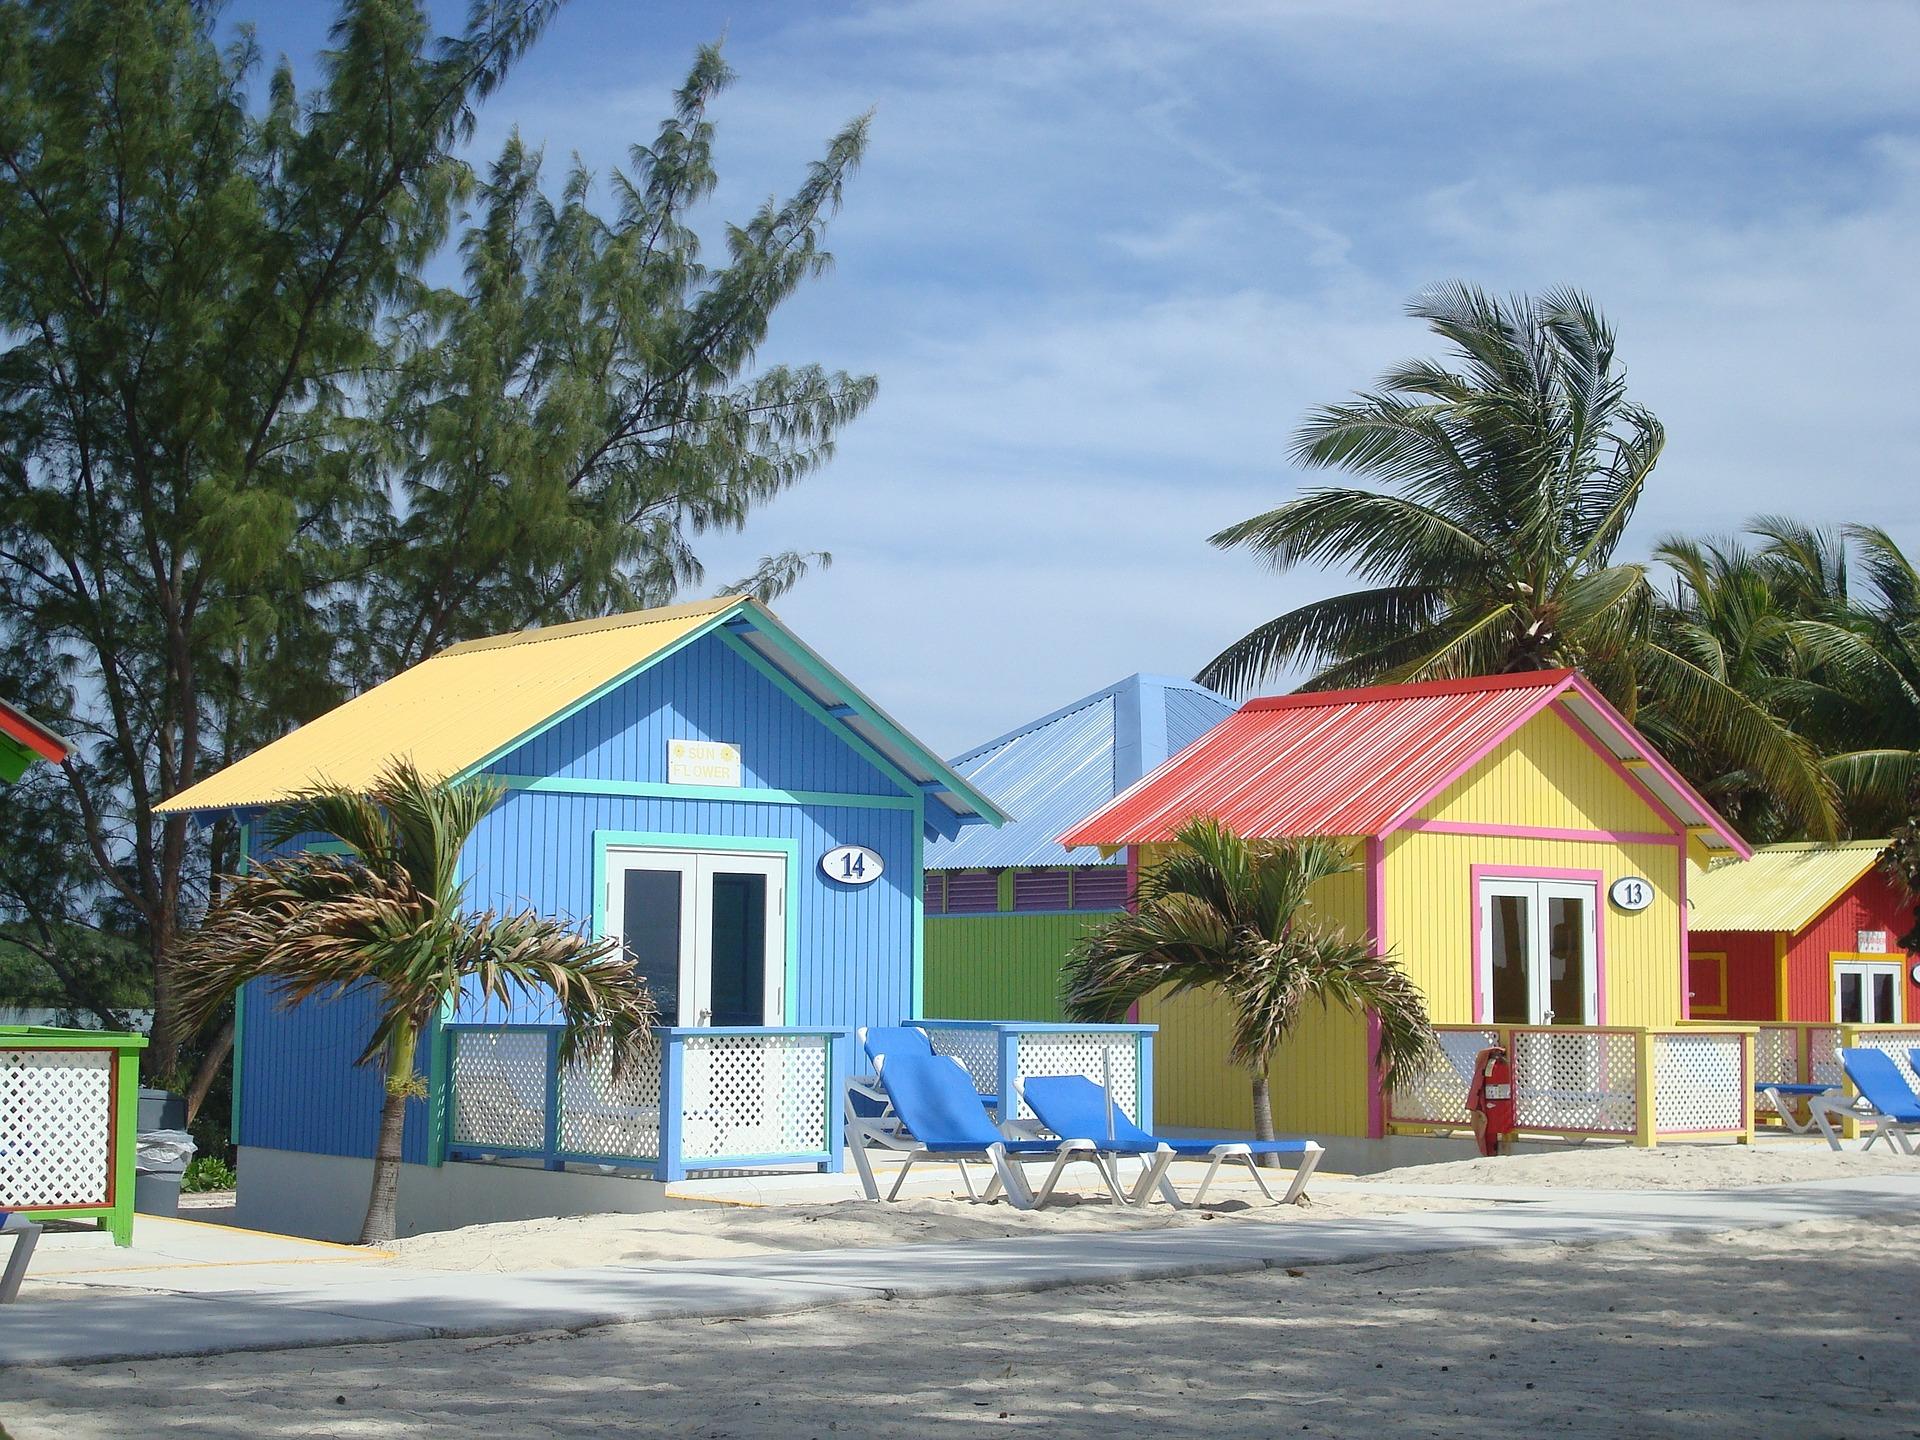 bahamas-1331560_1920.jpg